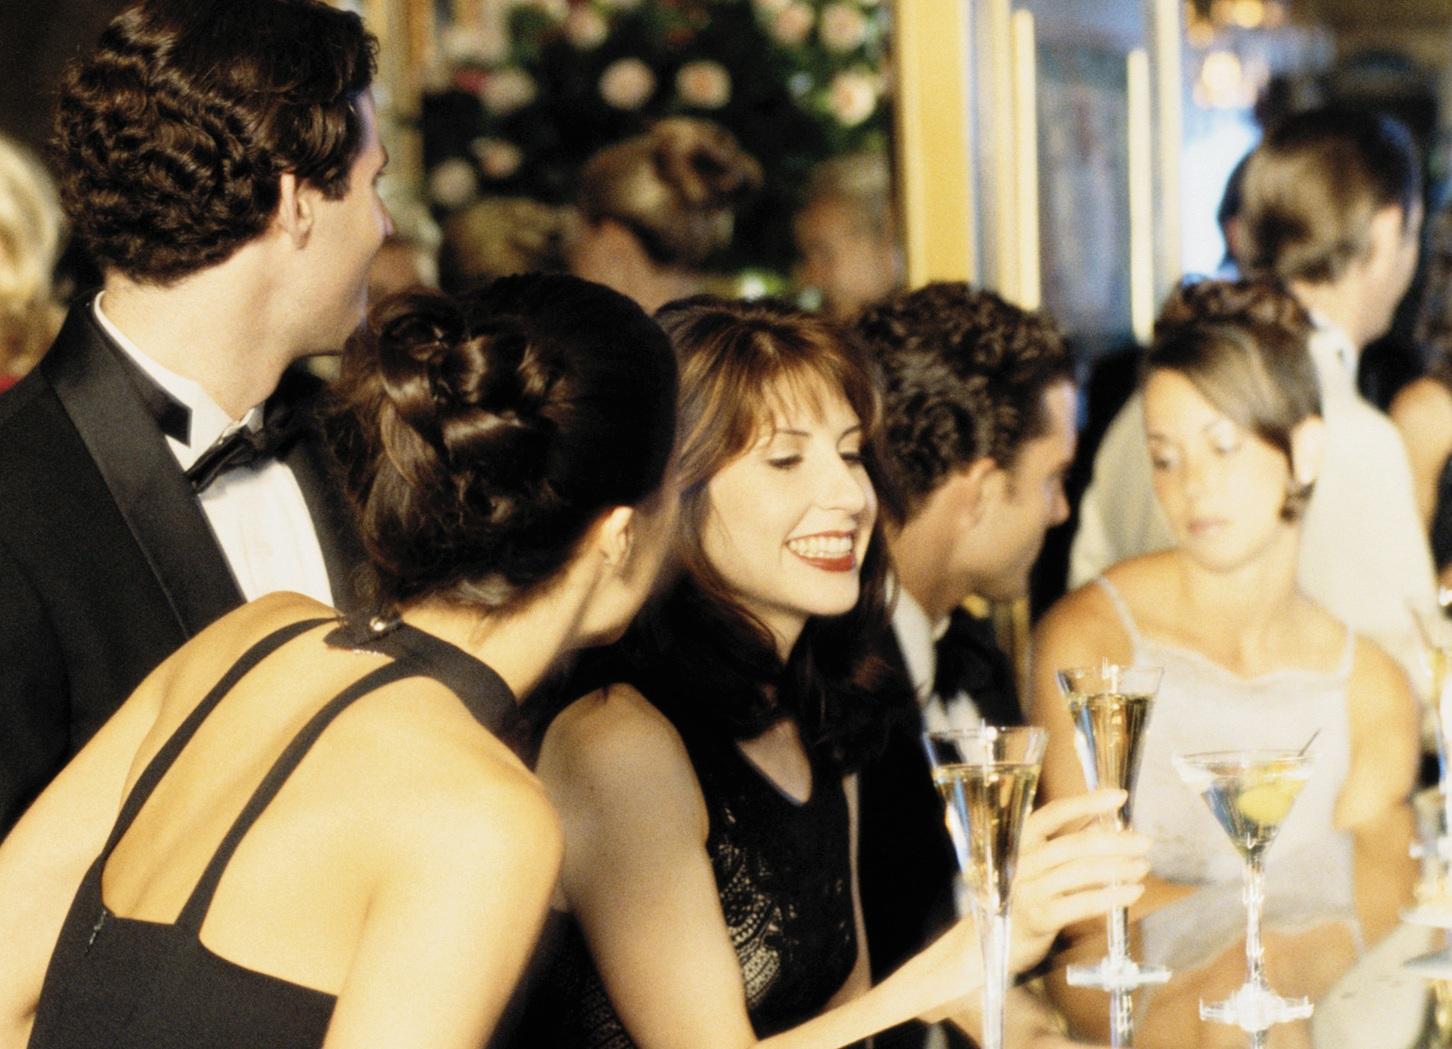 фото сексуальных женщин на светских приемах и вечеринках - 9